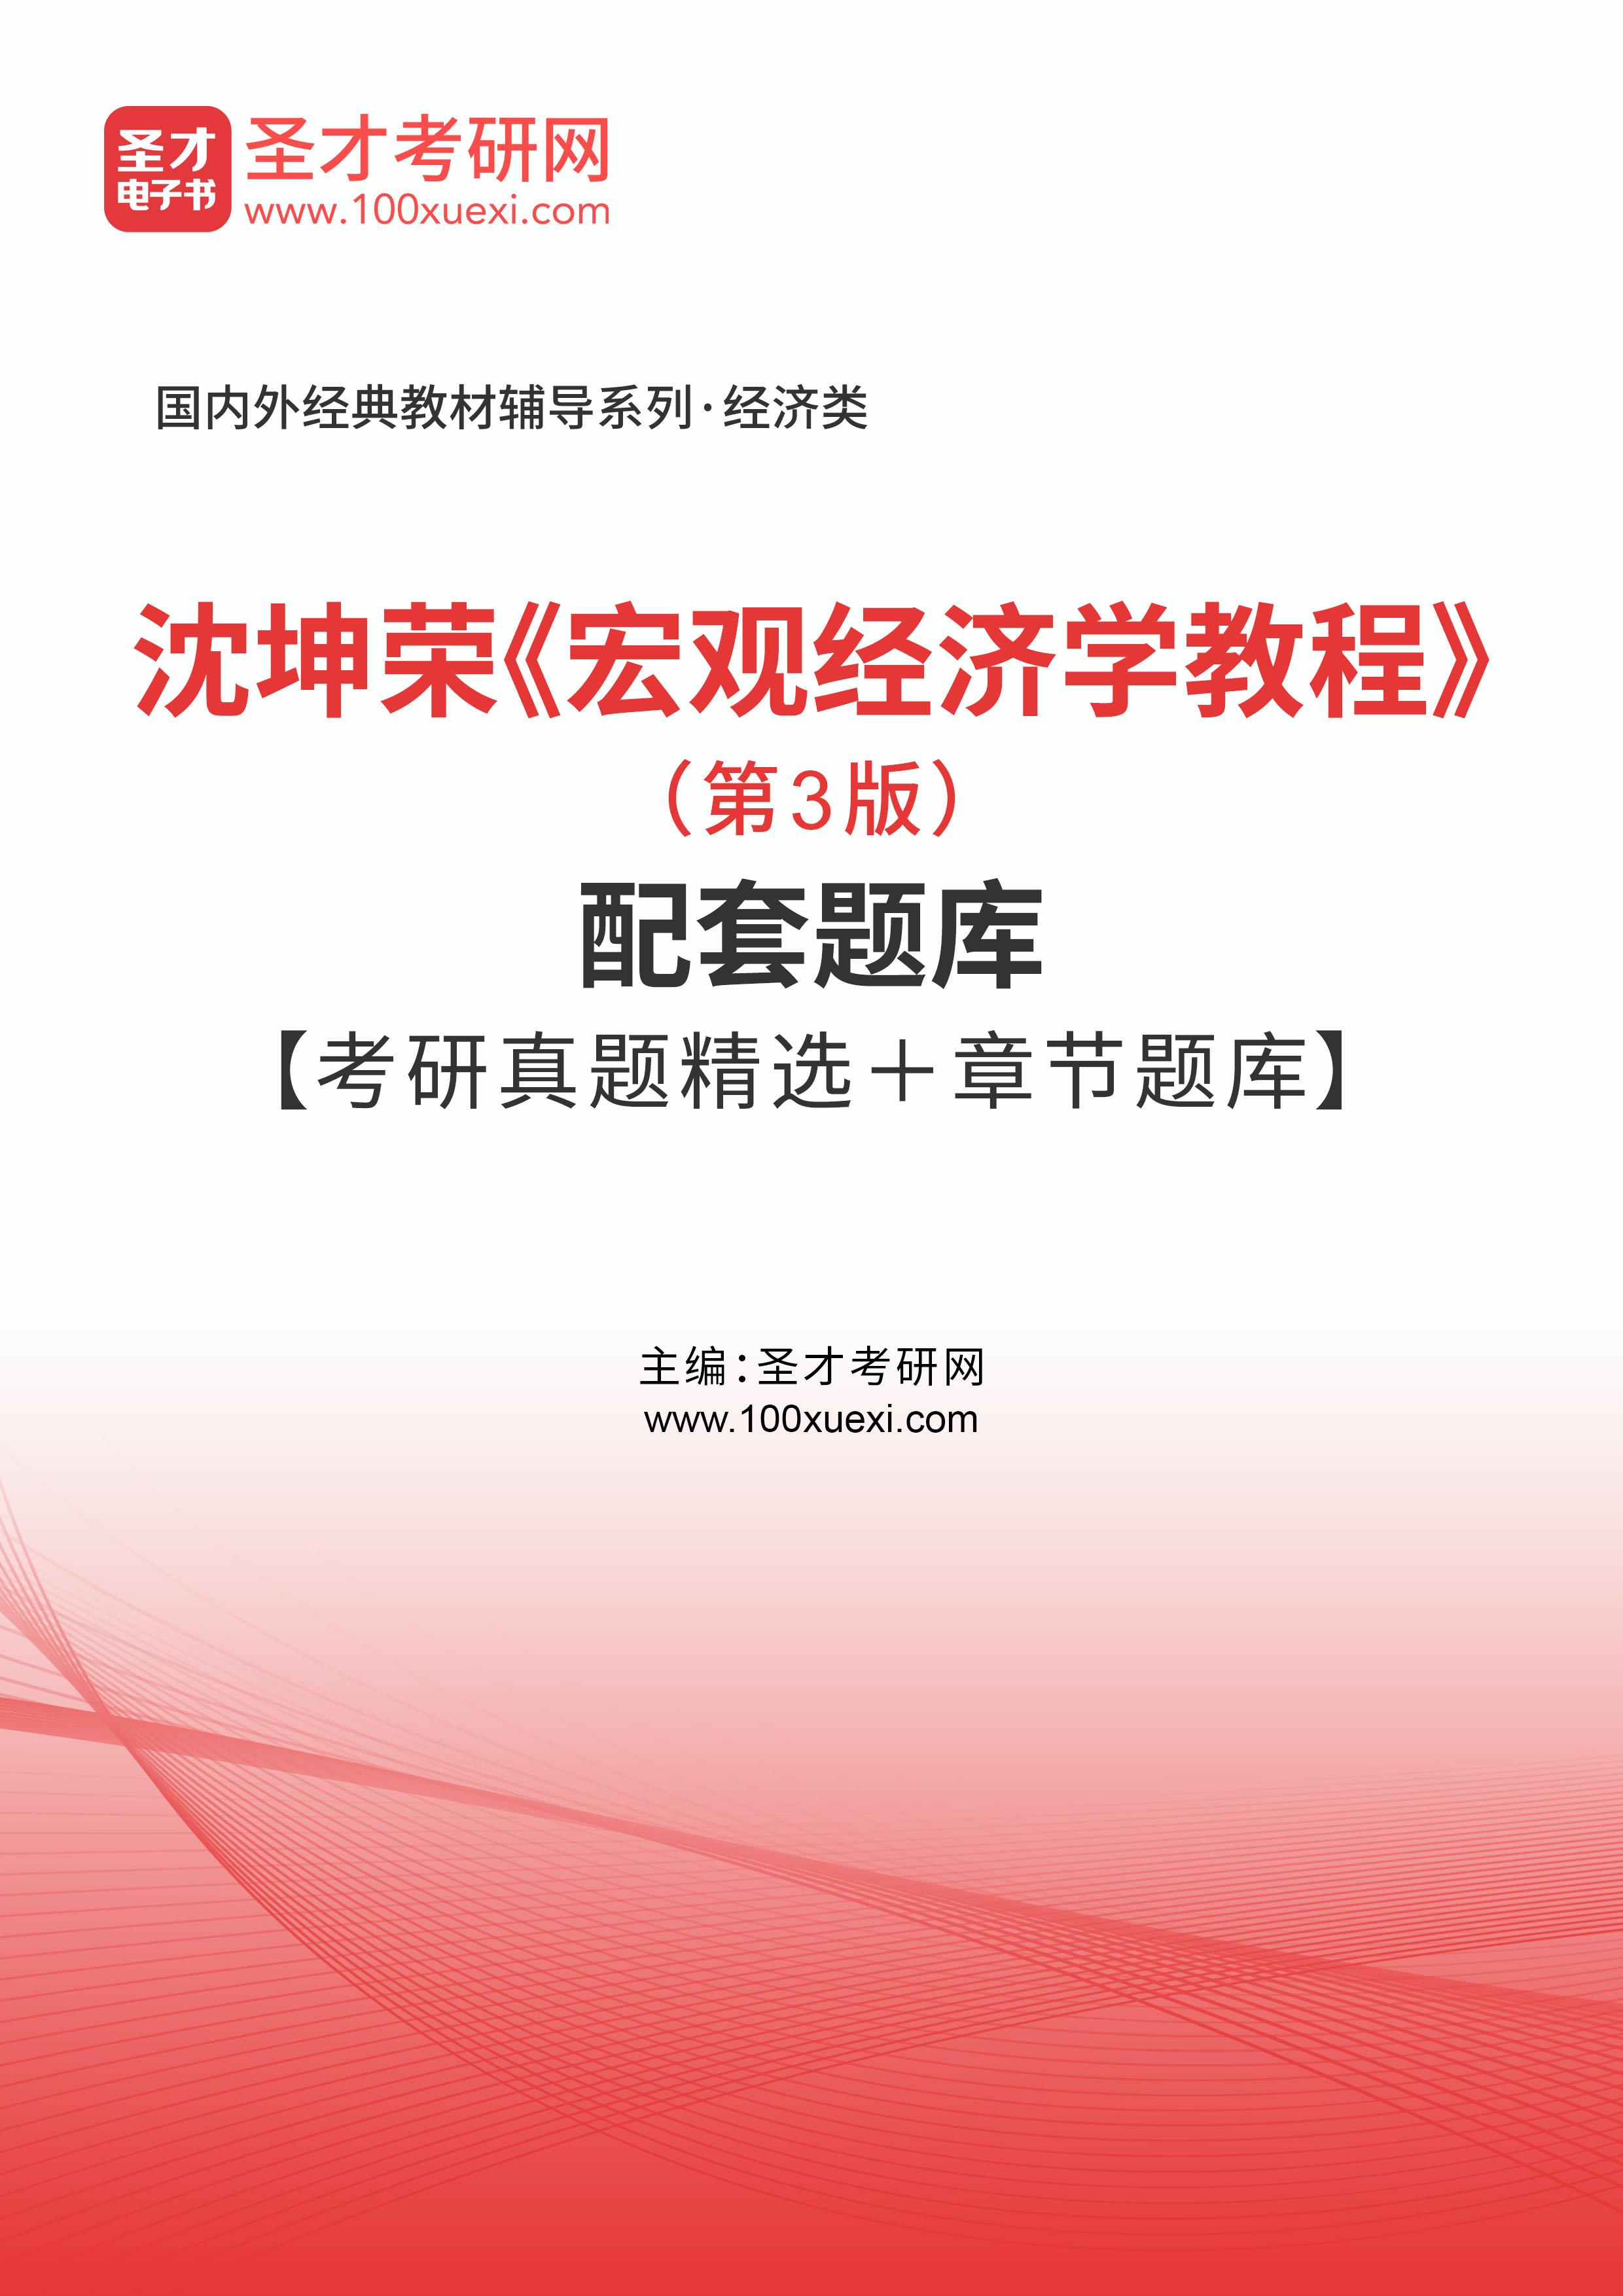 沈坤荣《宏观经济学教程》(第3版)配套题库【考研真题精选+章节题库】